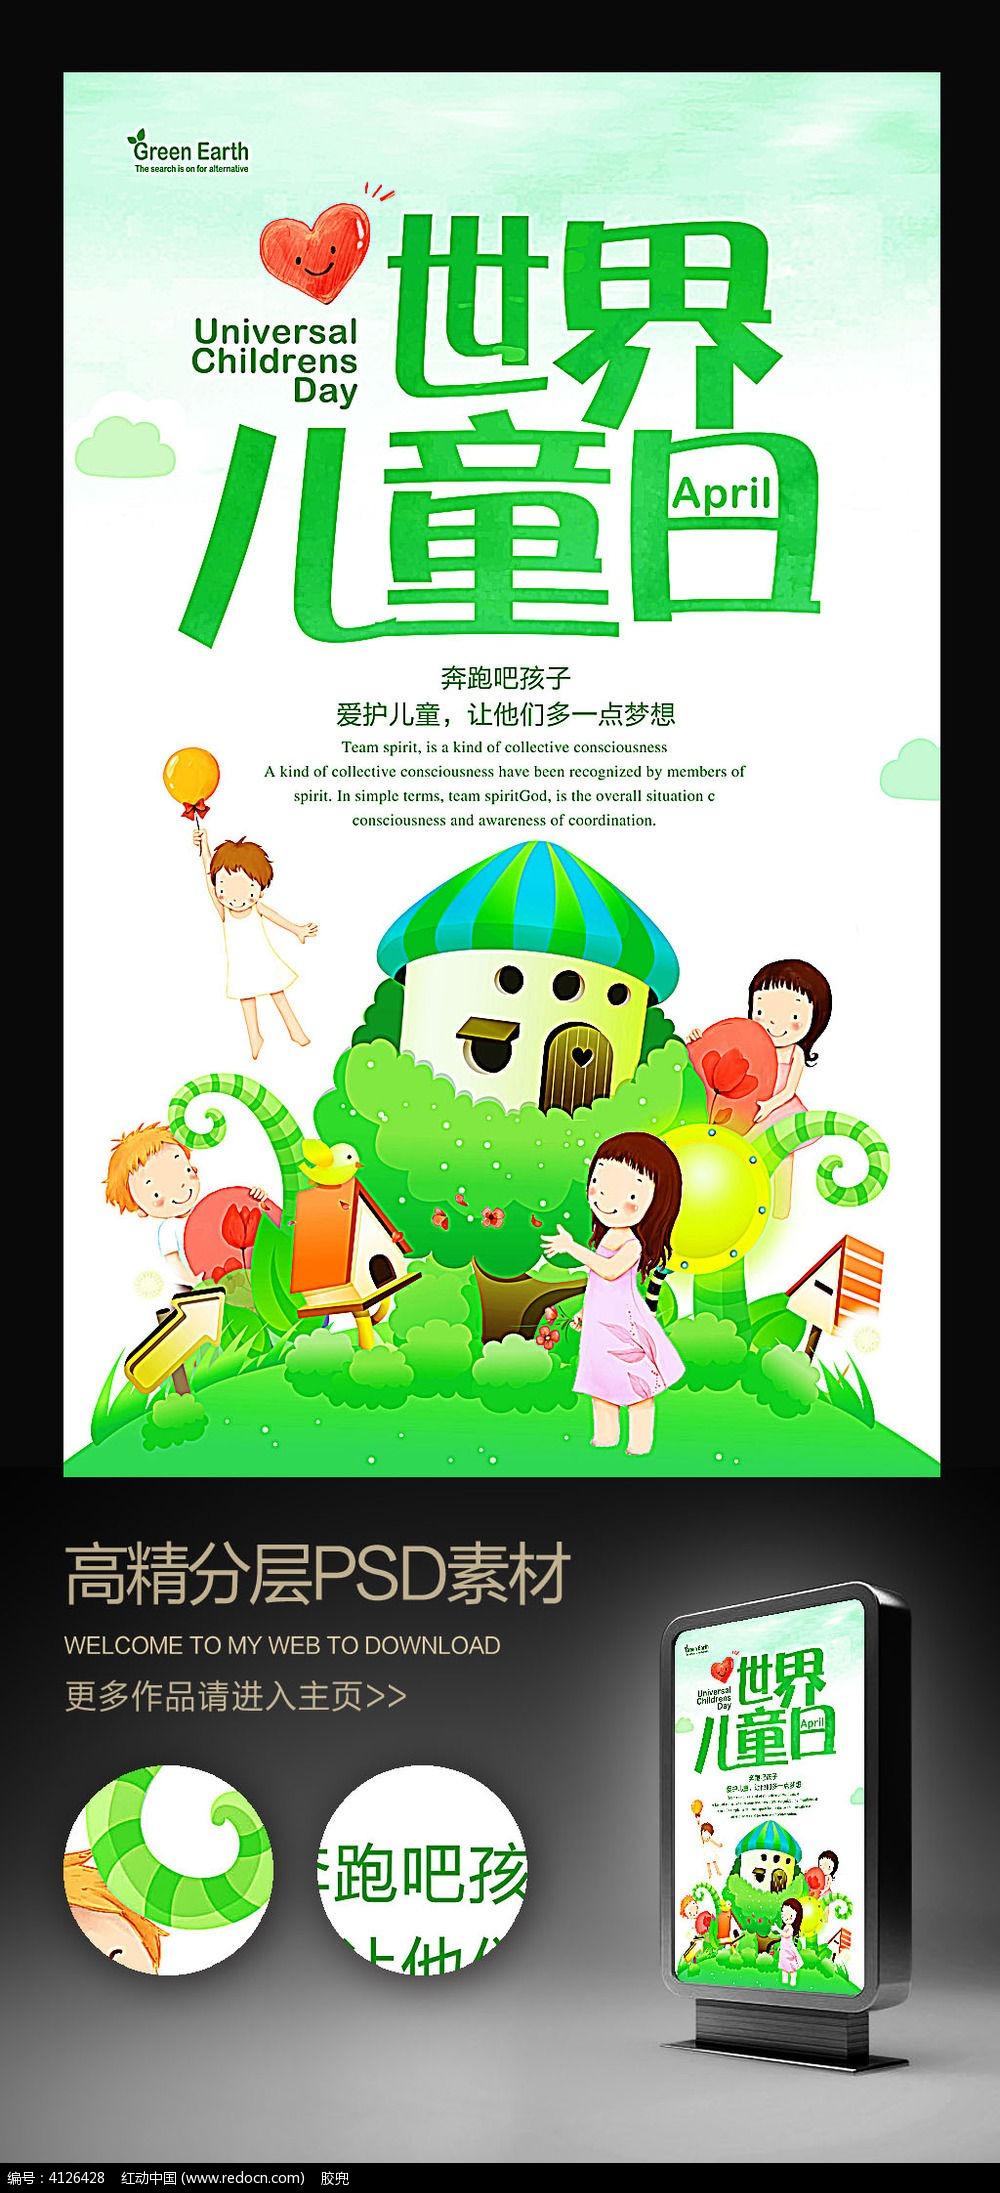 绿色卡通世界儿童日公益广告